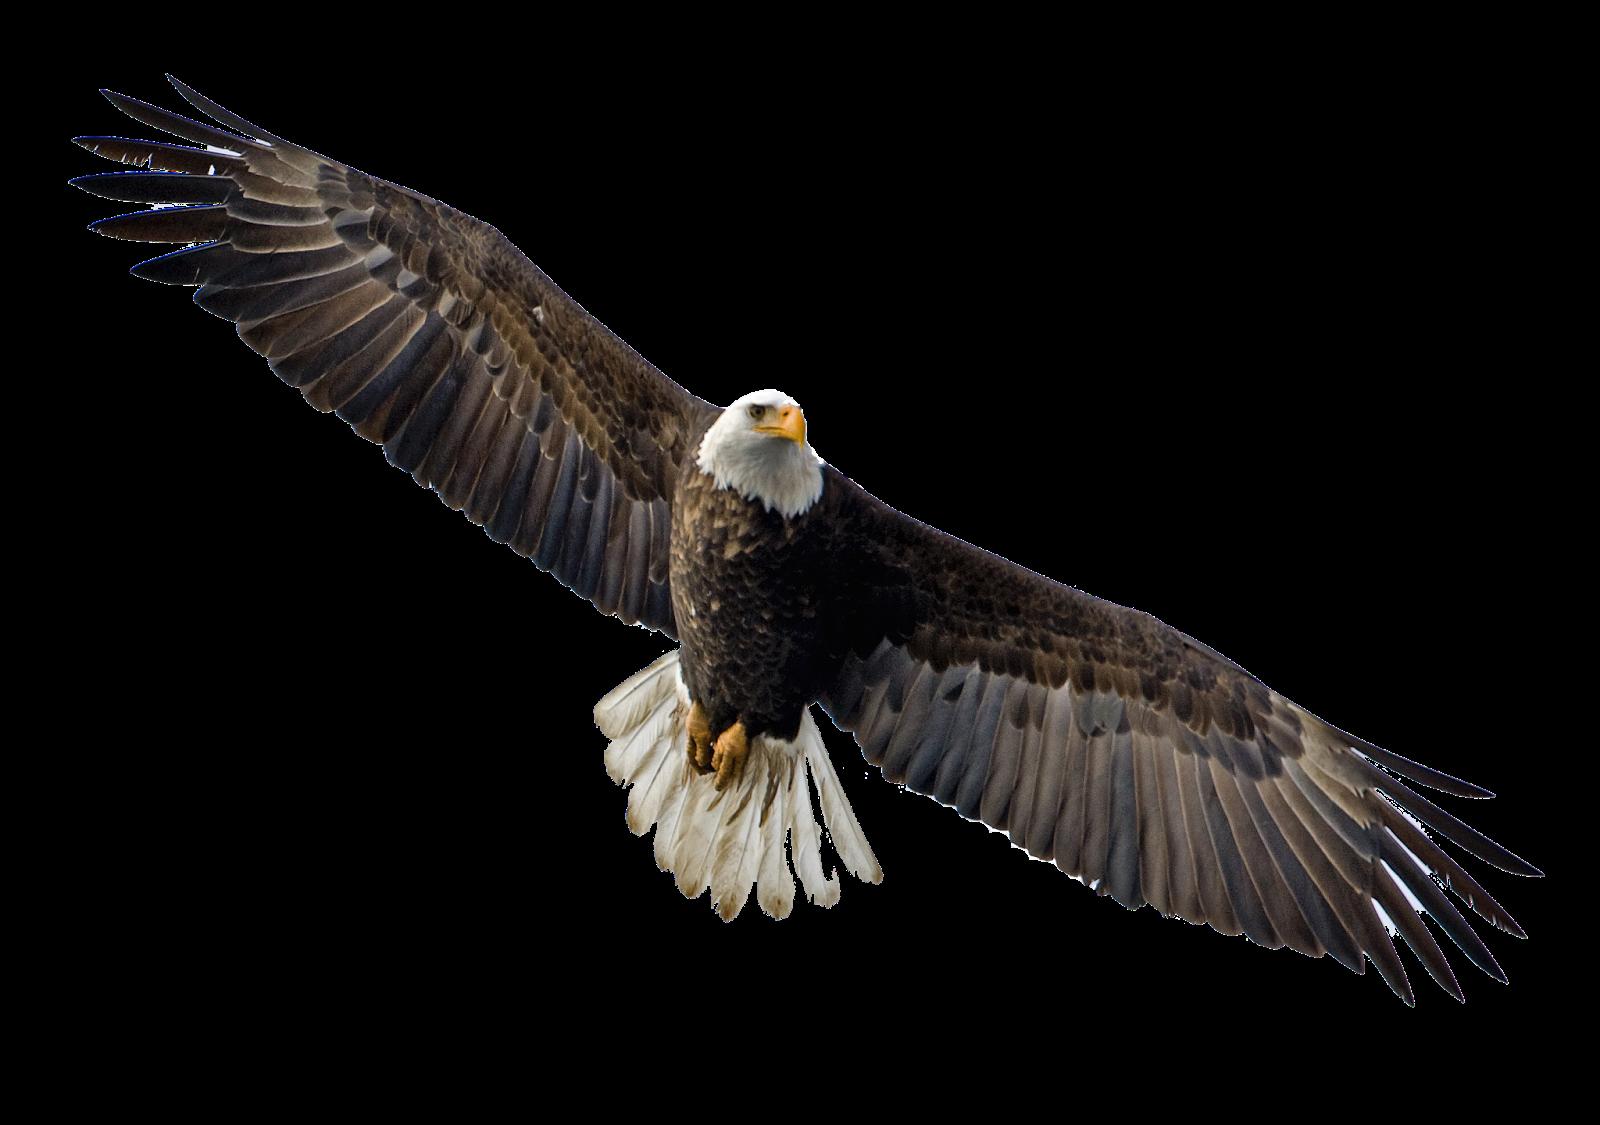 Eagle PNG - 13925